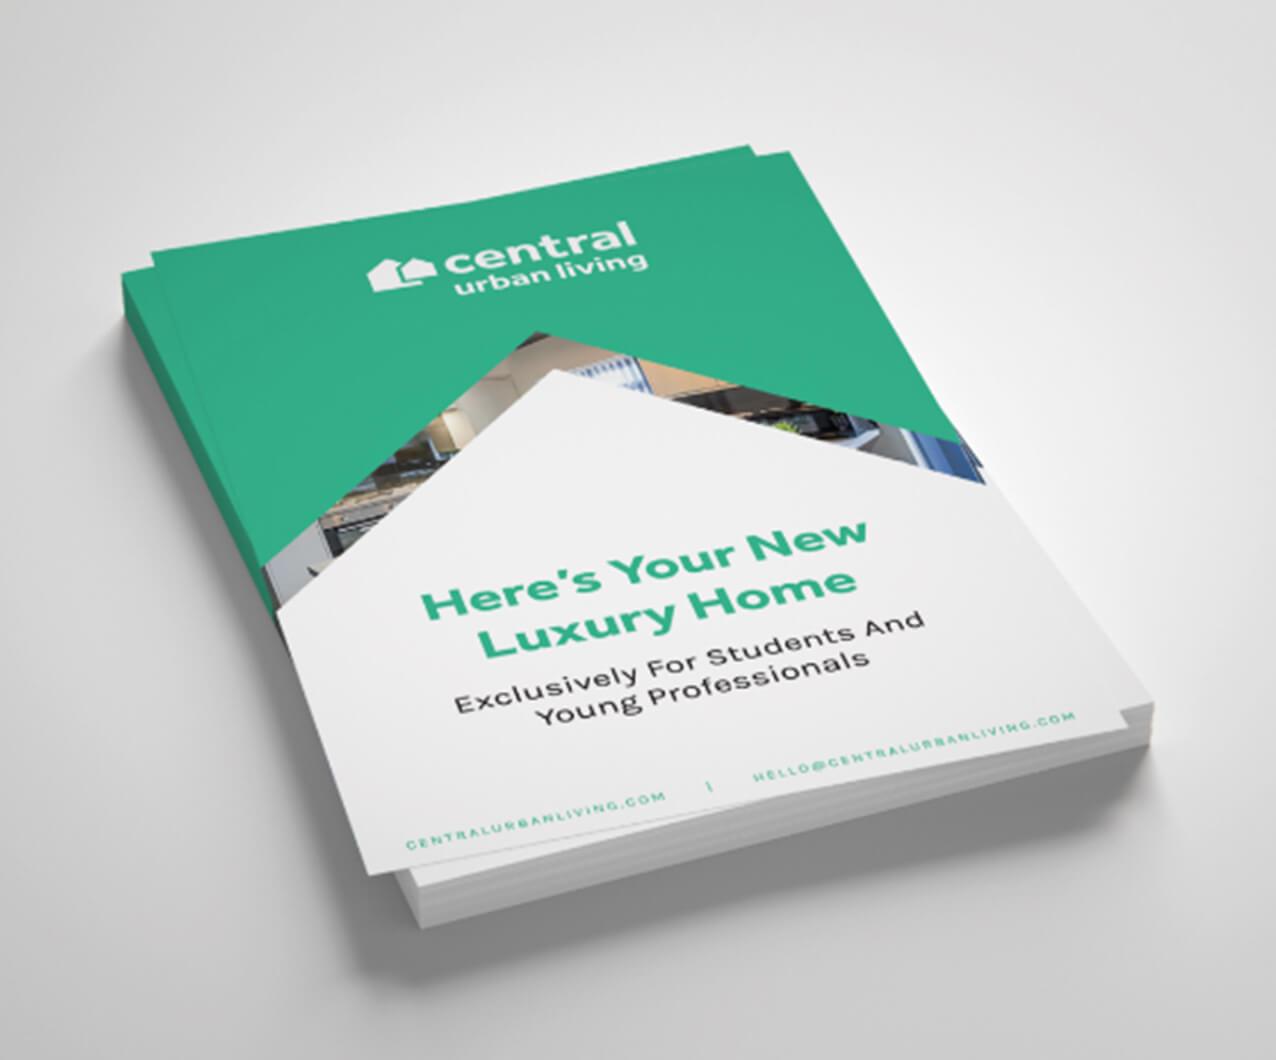 Central Urban Living branded flyer design